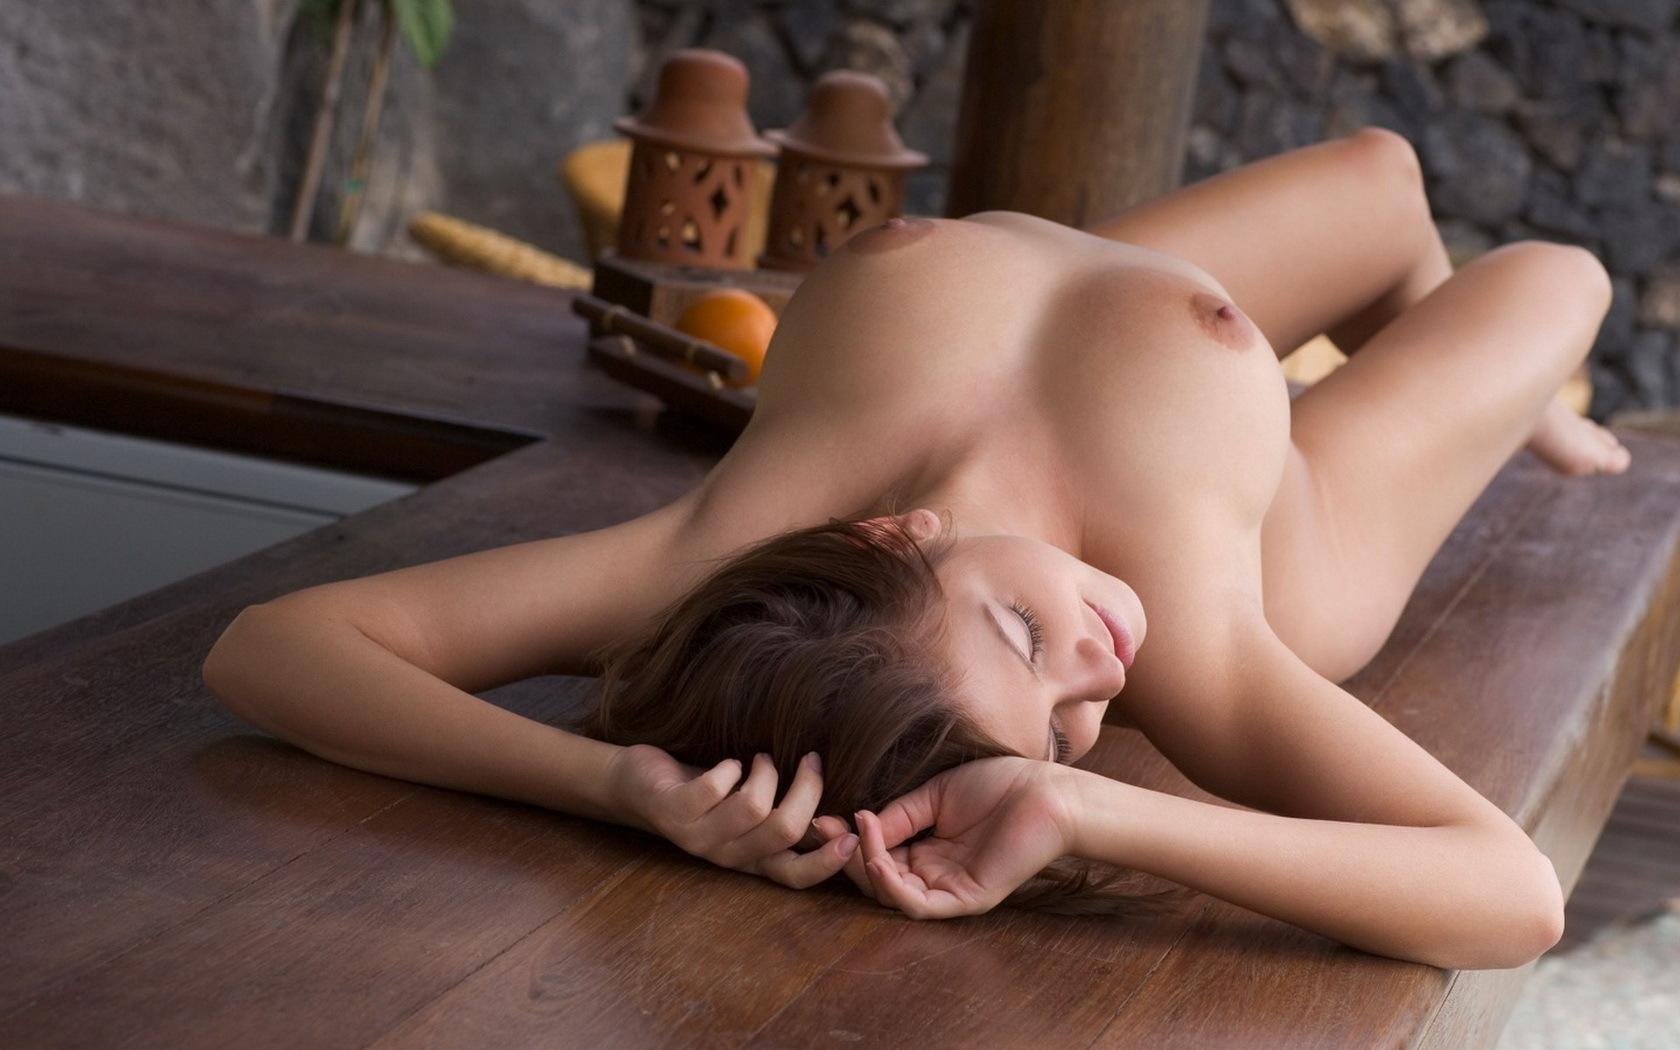 Эротические фото девушек голых на столе 7 фотография